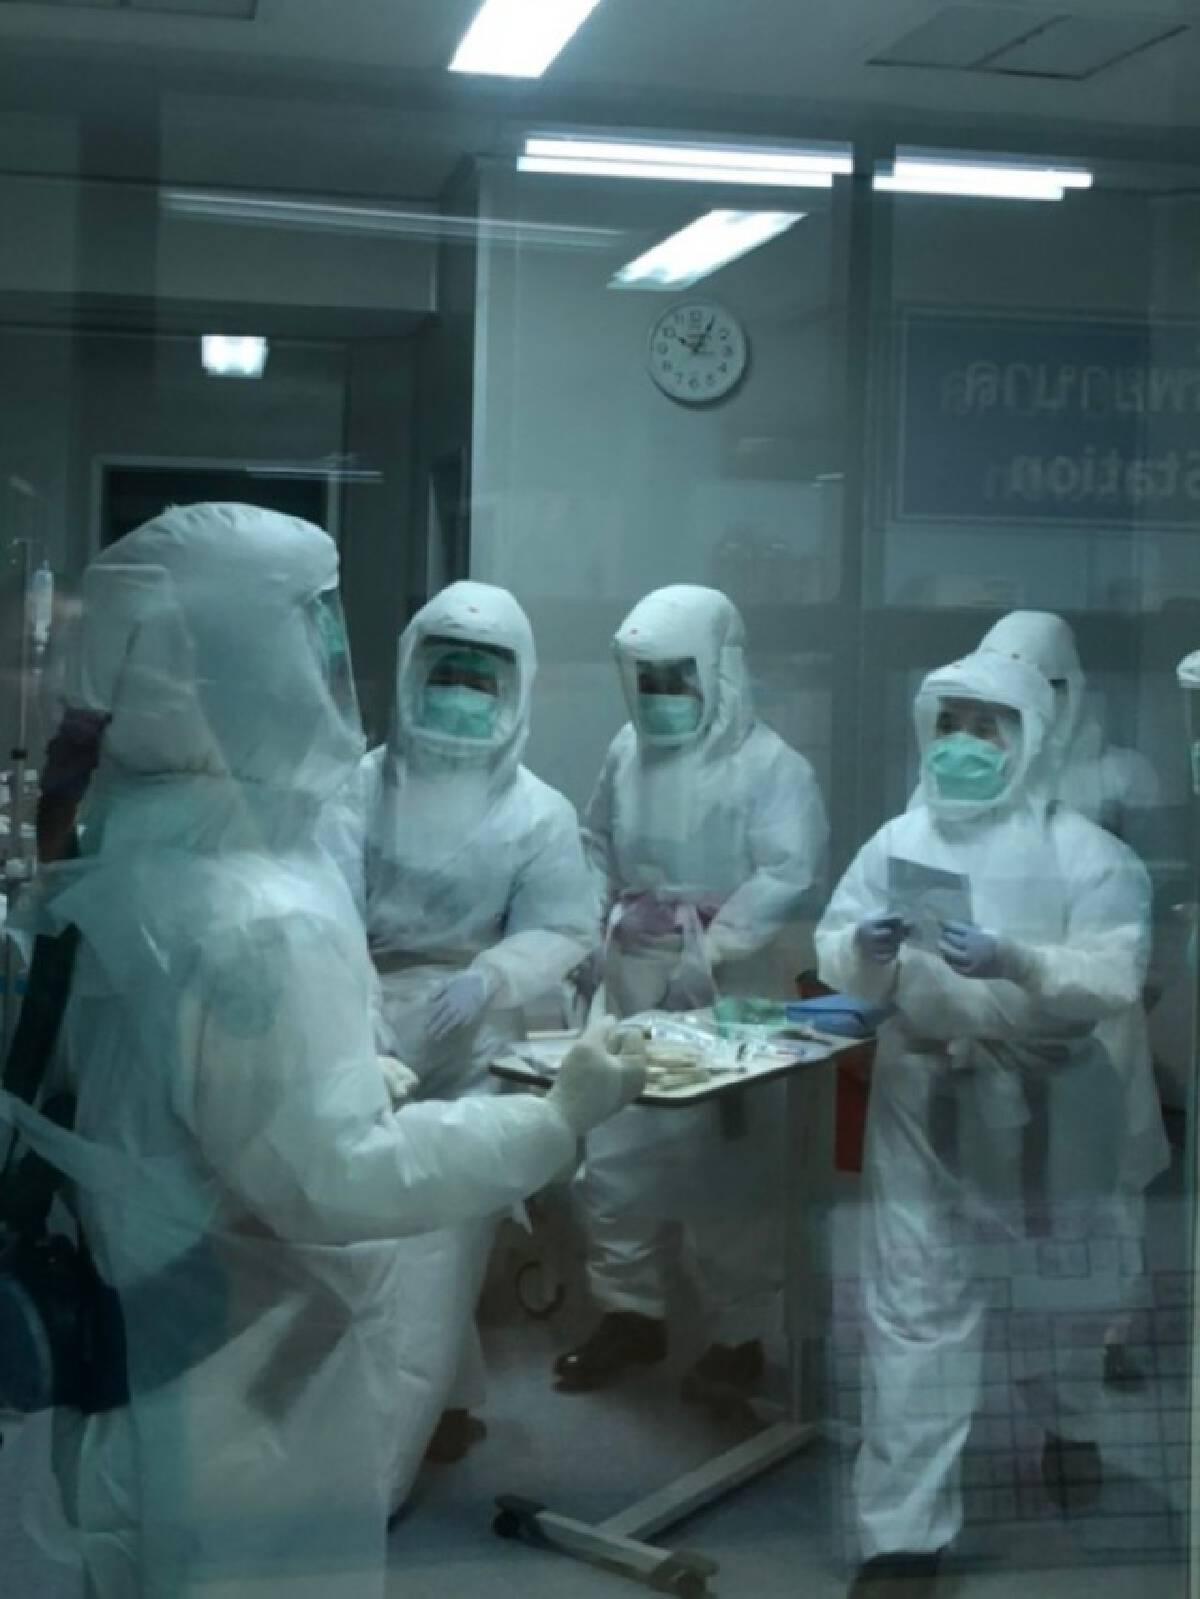 เชียงใหม่พบมีผู้ป่วยโควิดอาการรุนแรงเพิ่มขึ้น